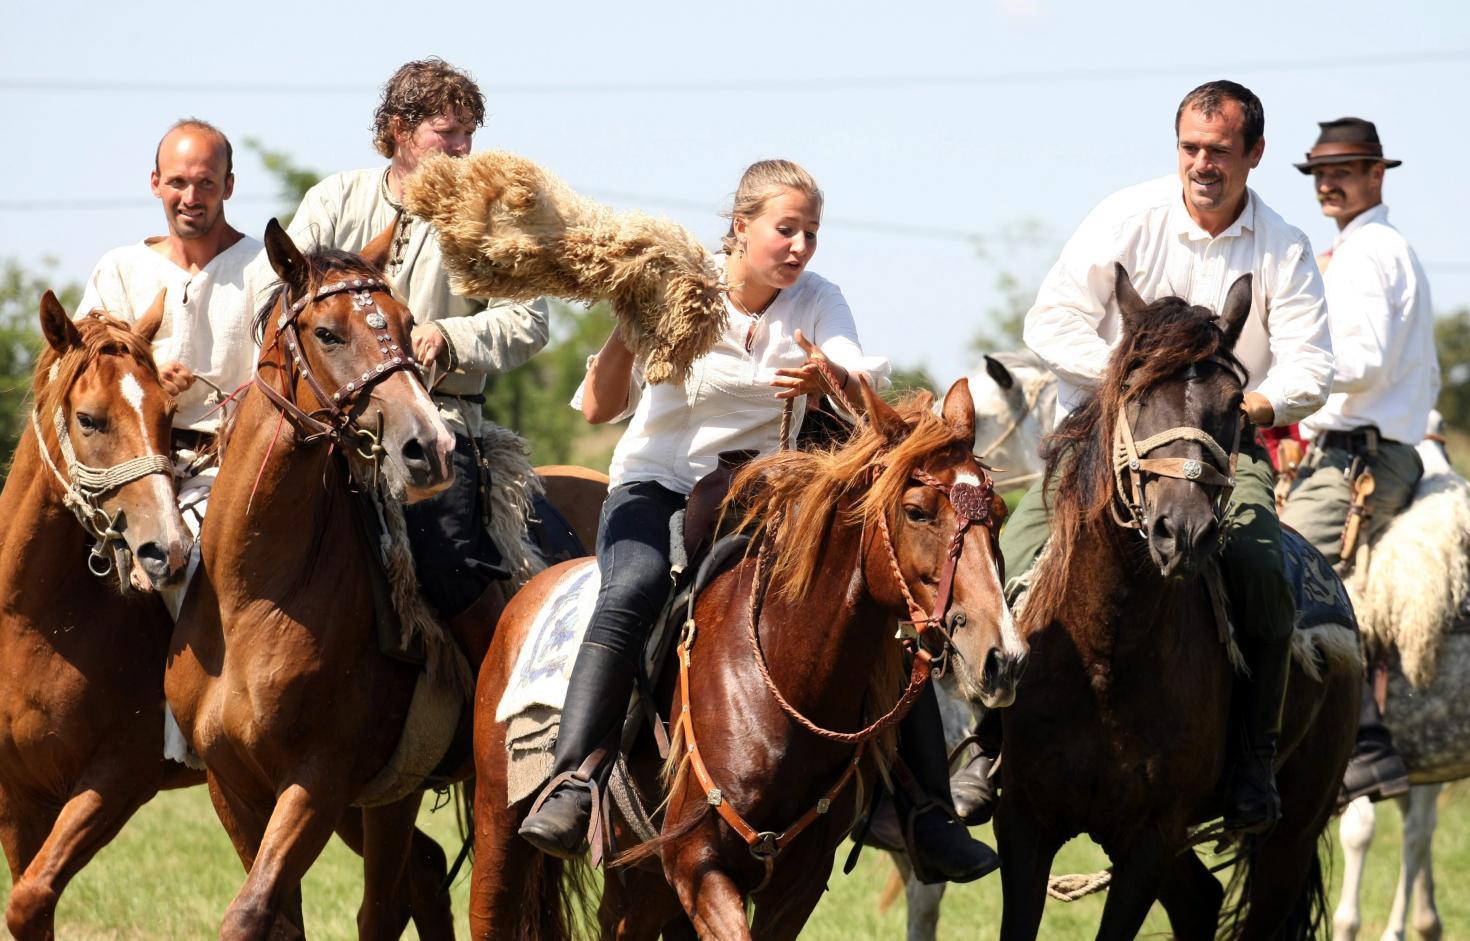 társkereső szenvedélyes lovas